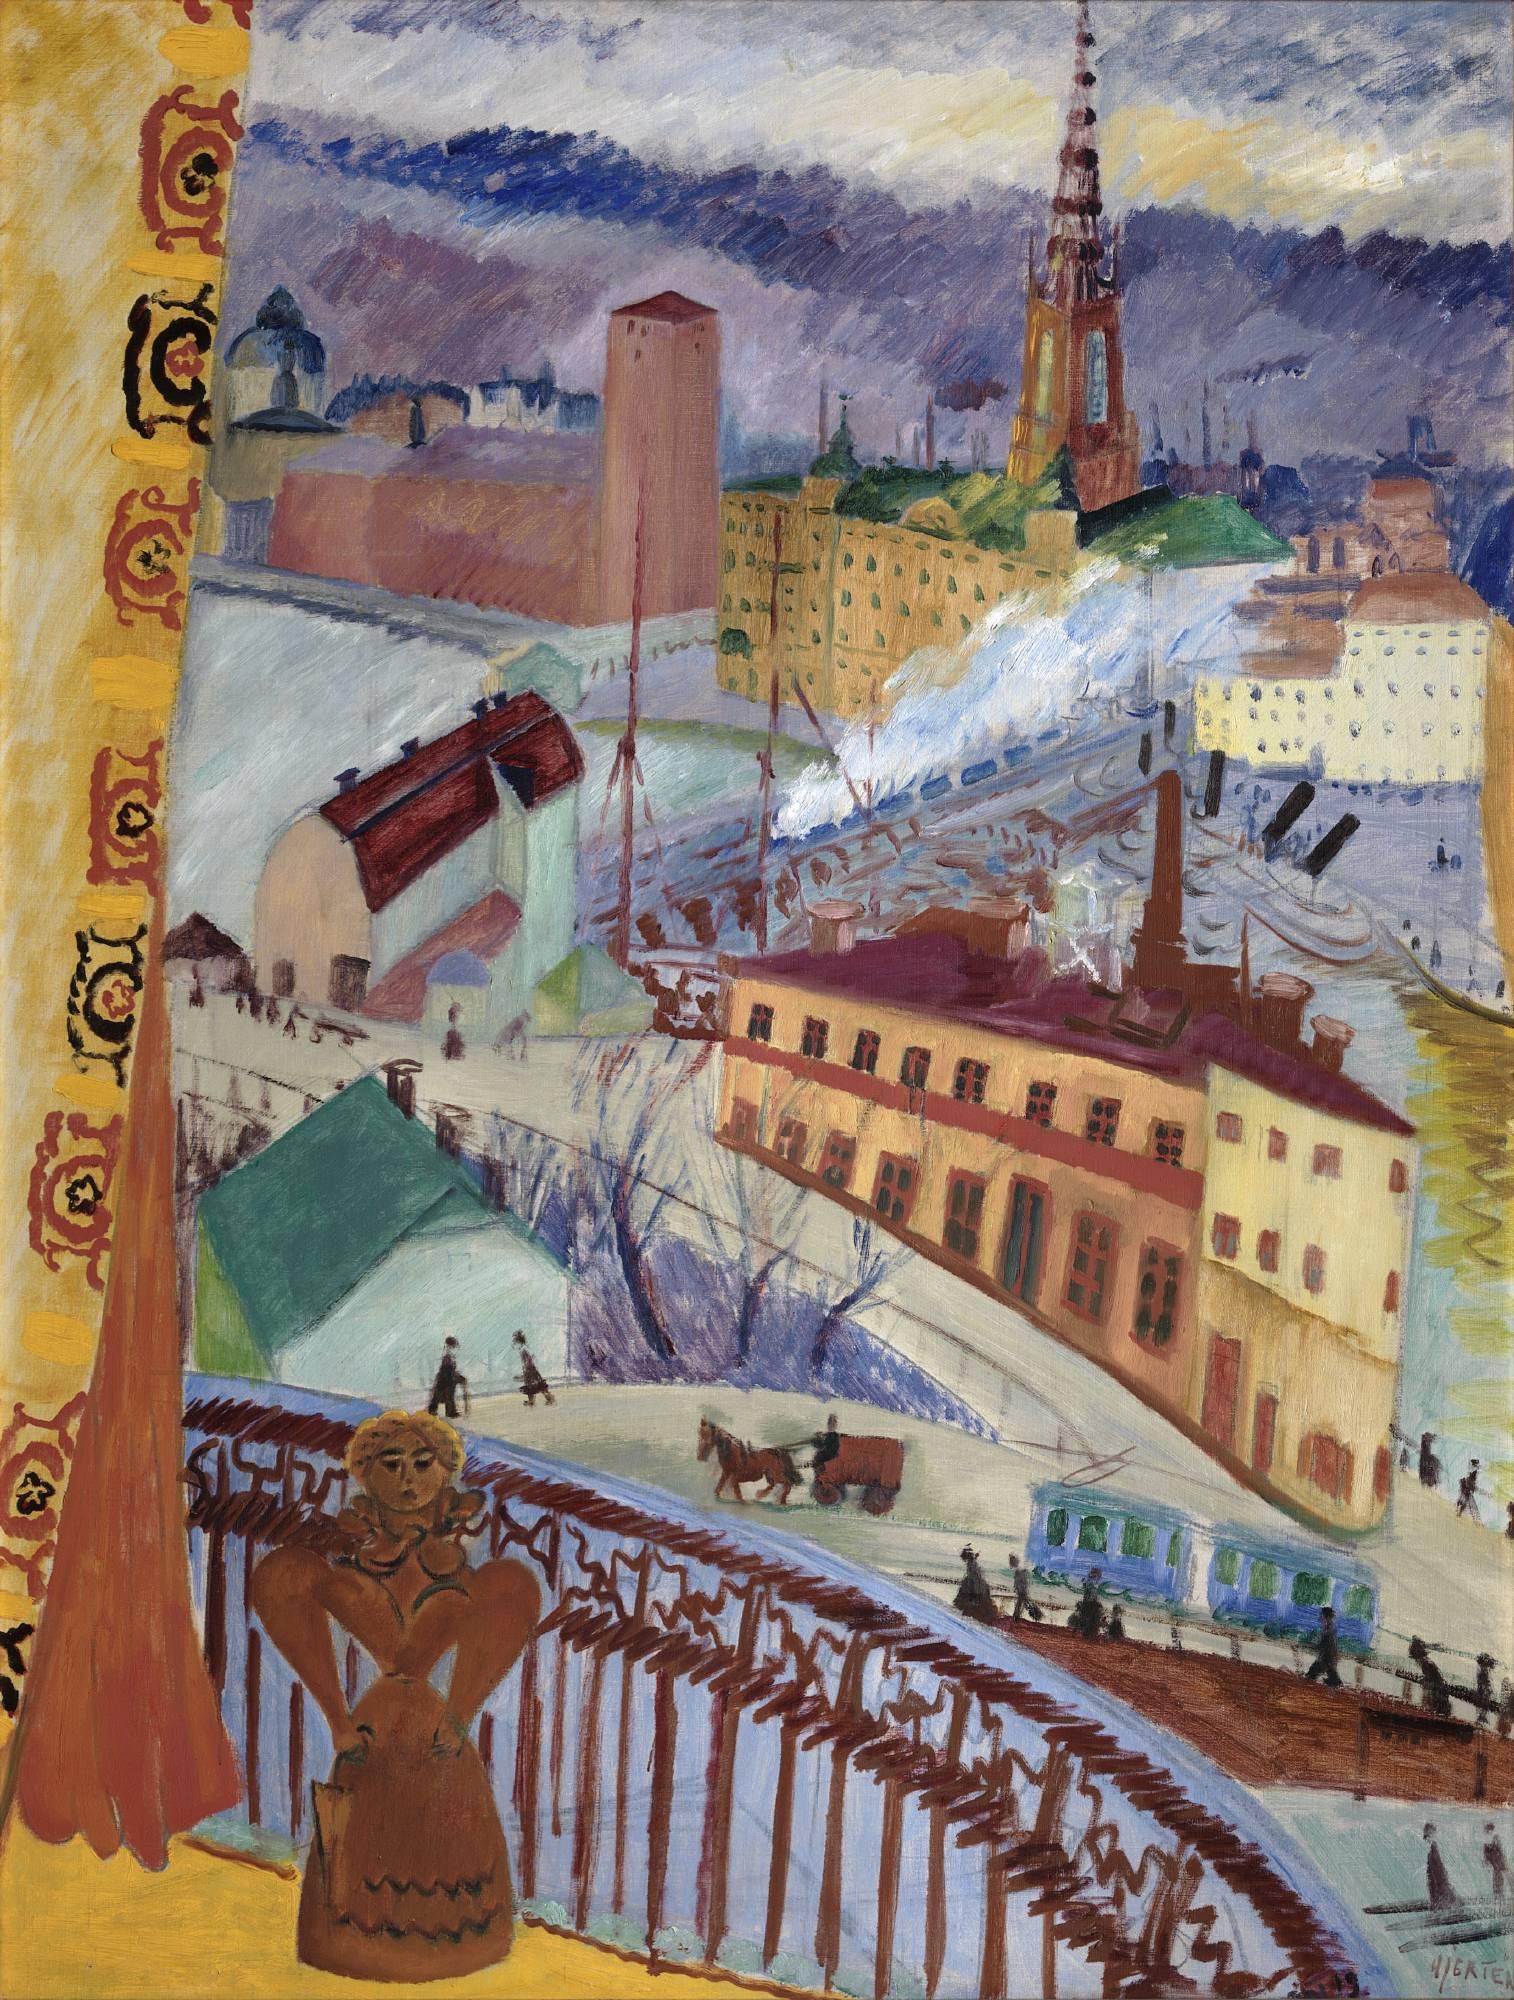 Stockholm's Moderna Museet in 10 Artworks